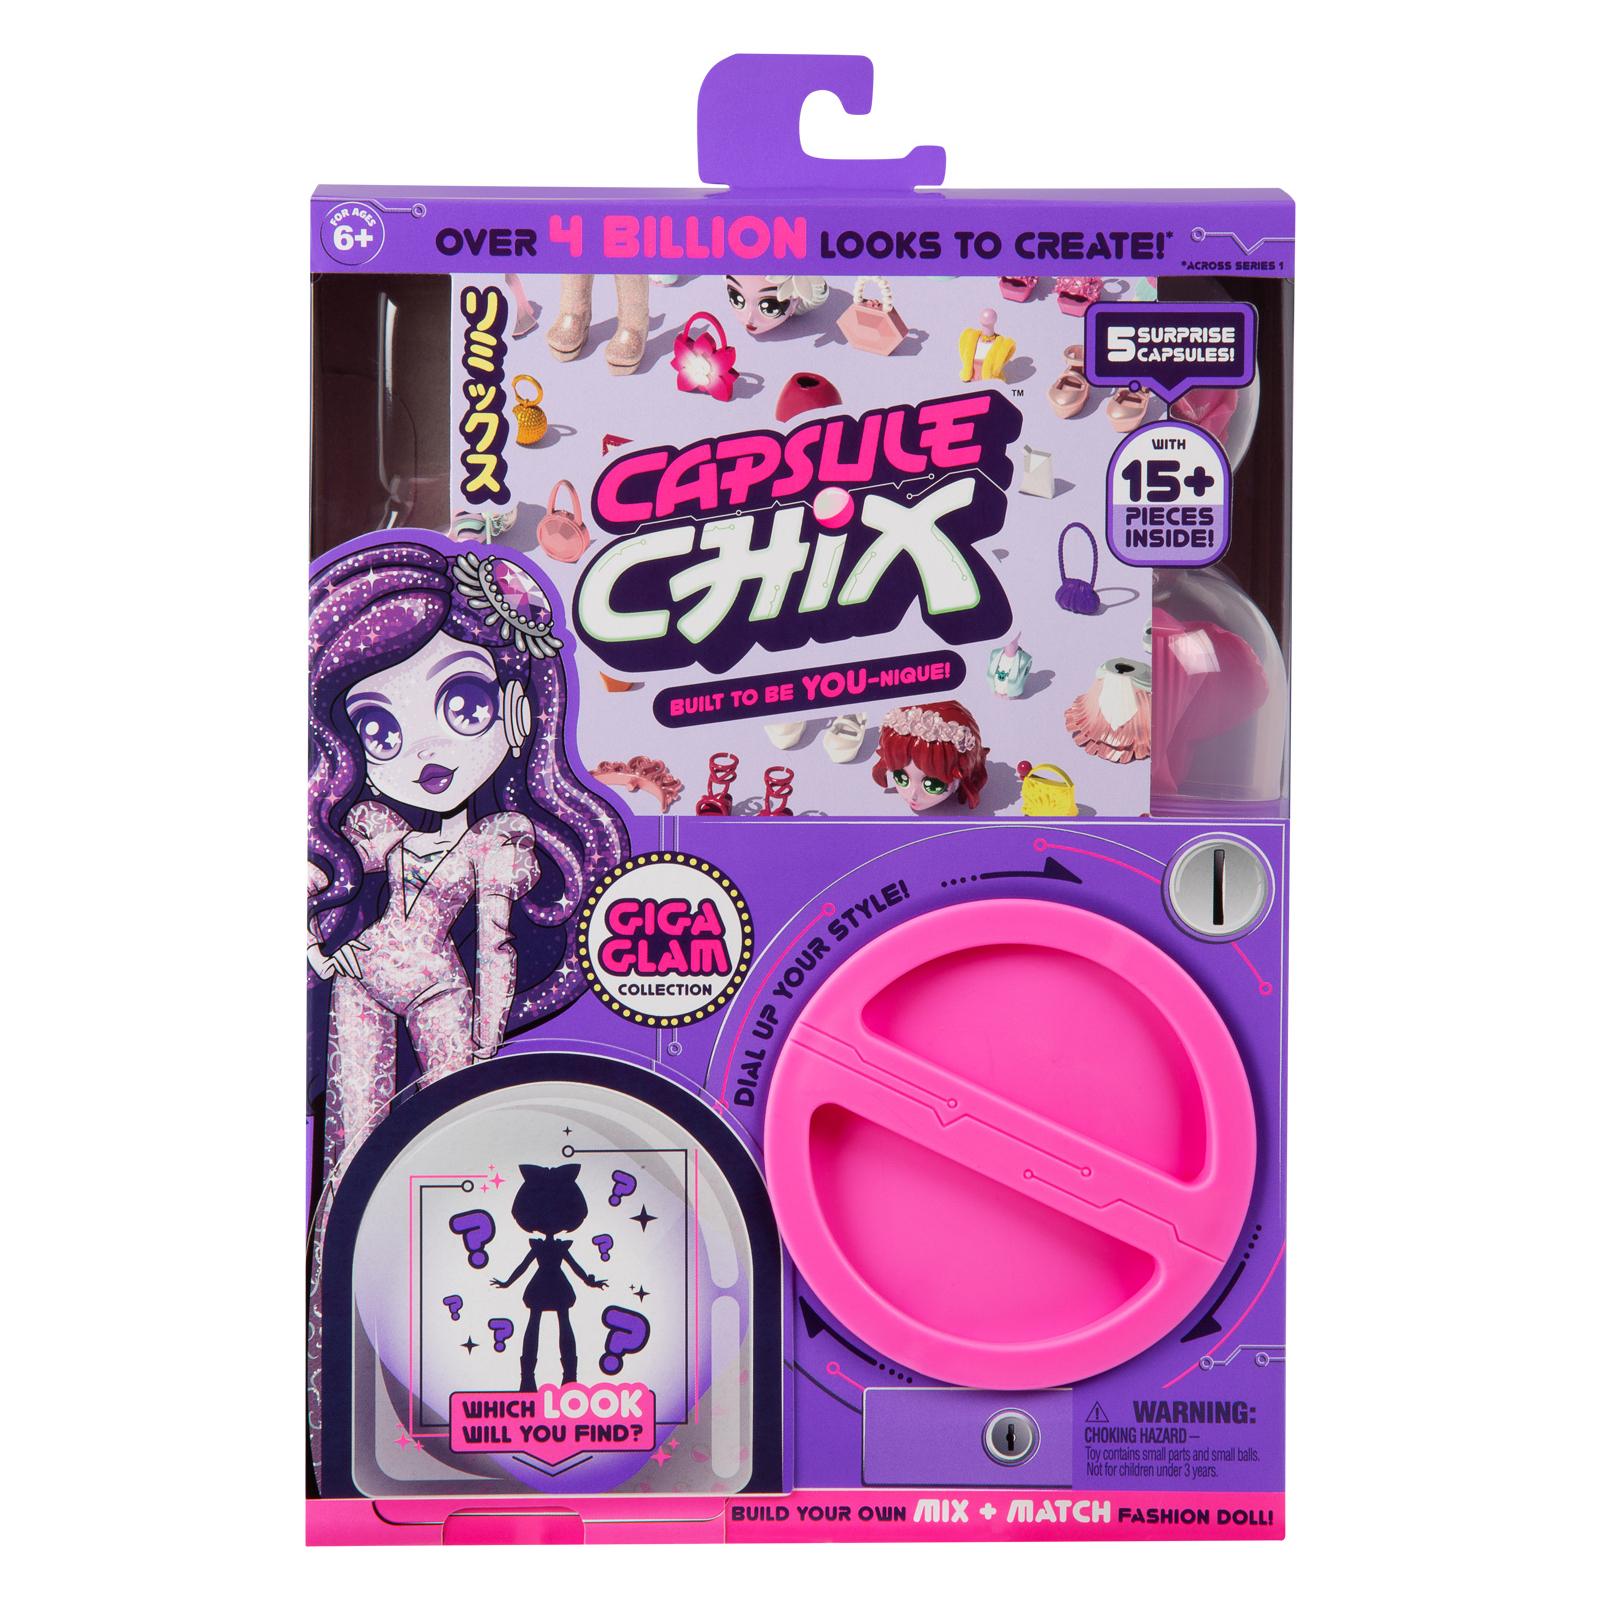 Игровой набор Moose сюрприз Capsule Chix Giga Glam с куклой (59201)